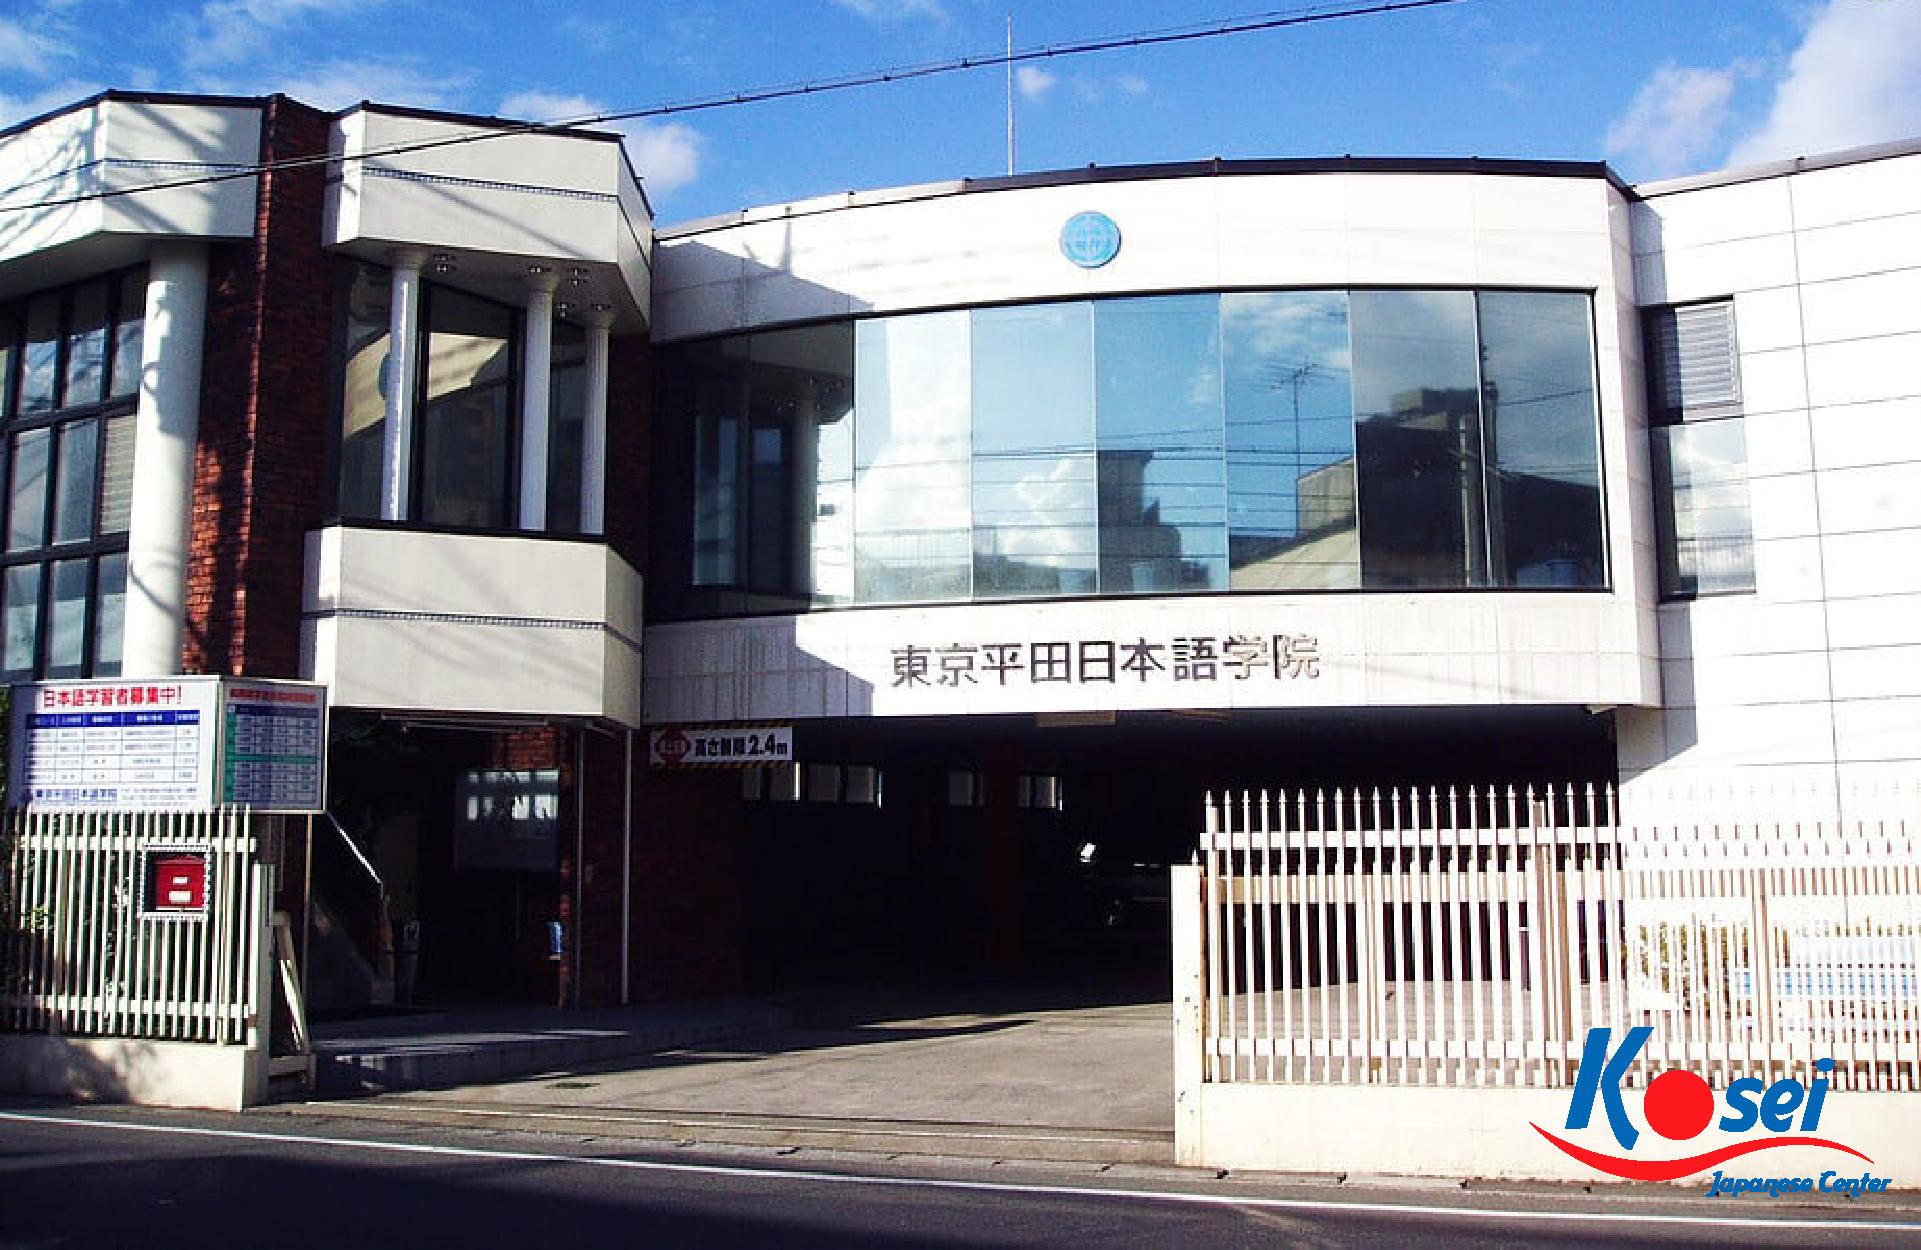 Trường Nhật ngữ Tokyo Hirata nổi tiếng tốt nhất dành cho du học sinh